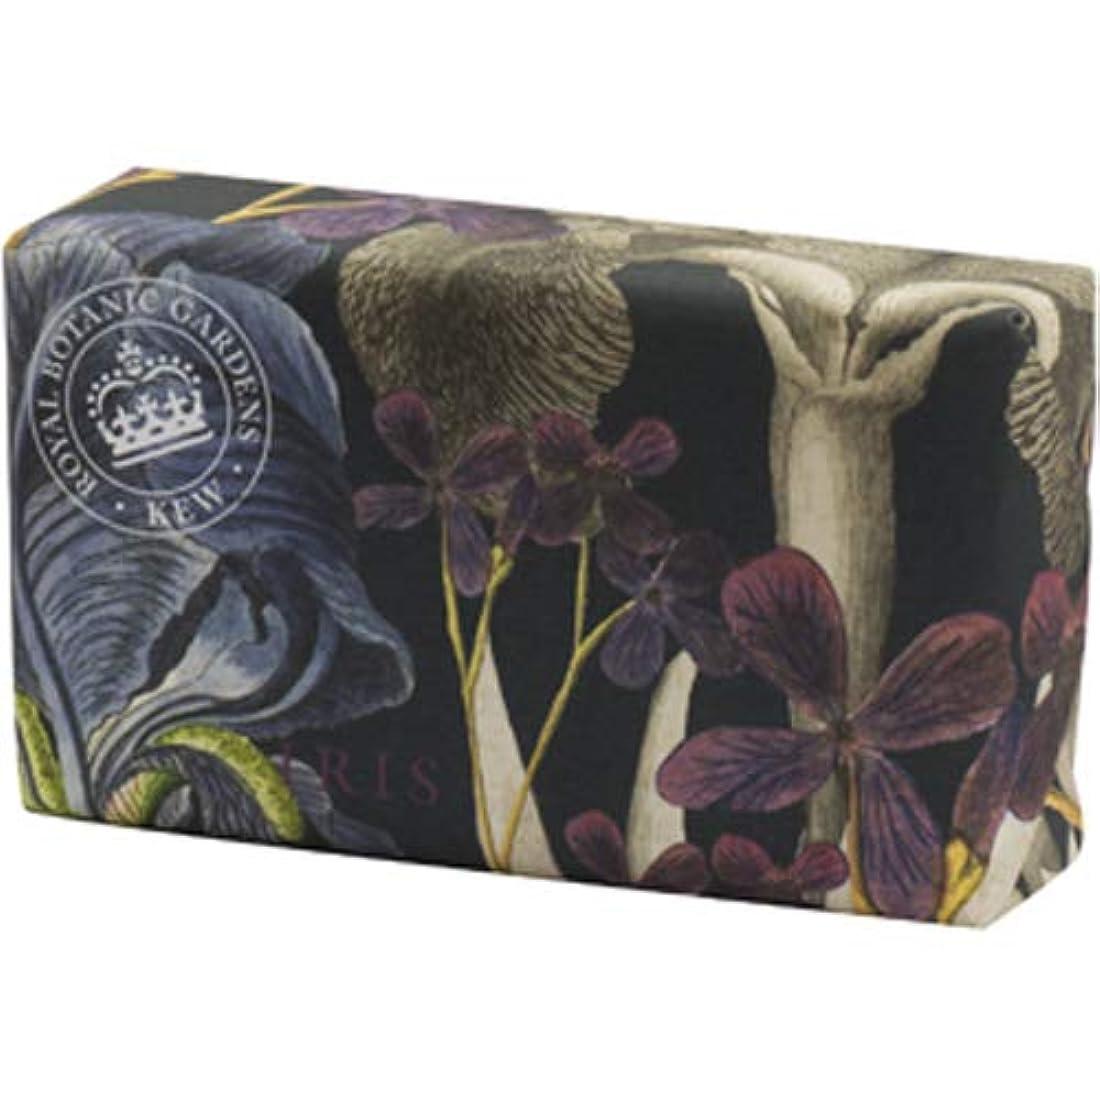 勧告義務付けられた不合格English Soap Company イングリッシュソープカンパニー KEW GARDEN キュー?ガーデン Luxury Shea Soaps シアソープ Iris アイリス